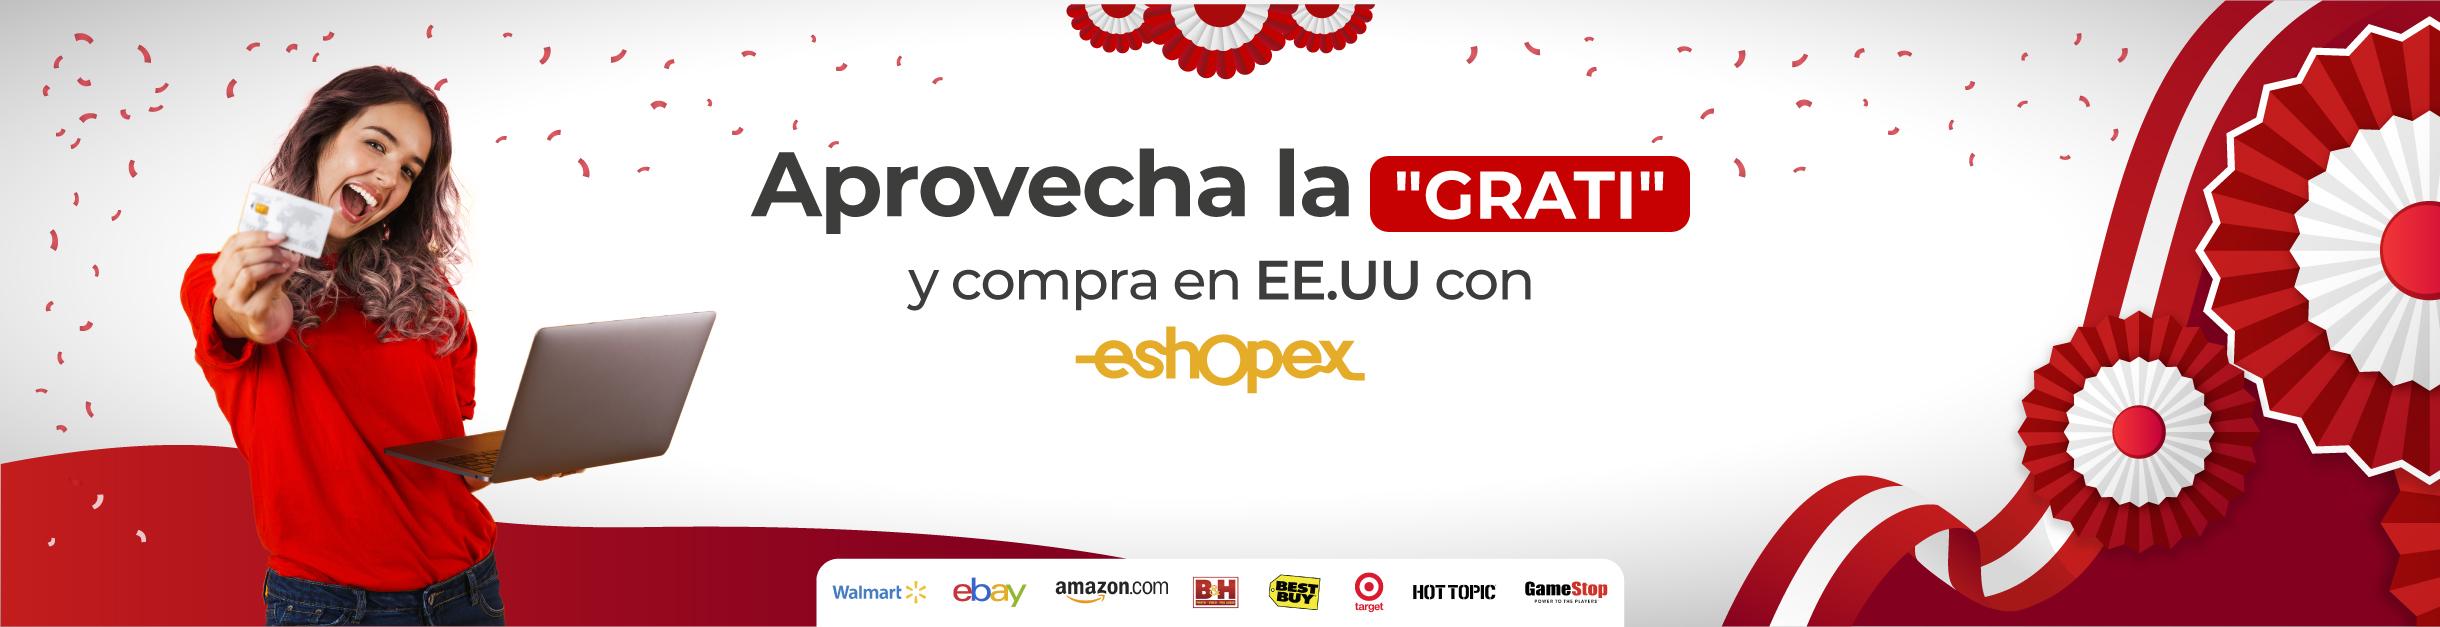 eShopex